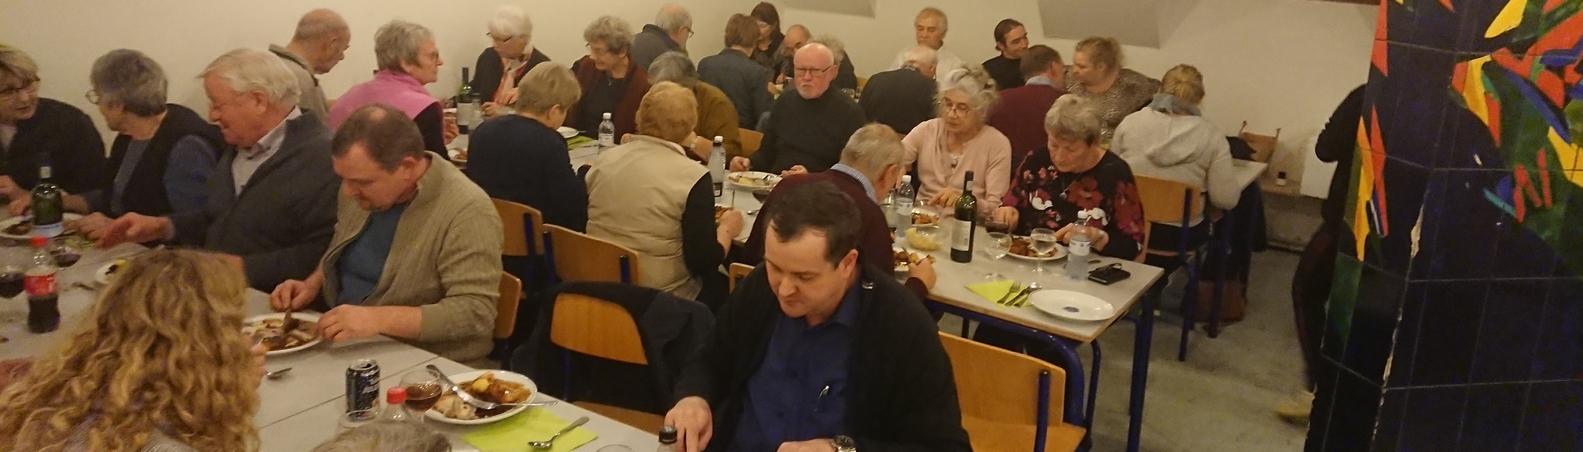 Generalforsamling i Kvanløse Sogns Beboerforening 2020